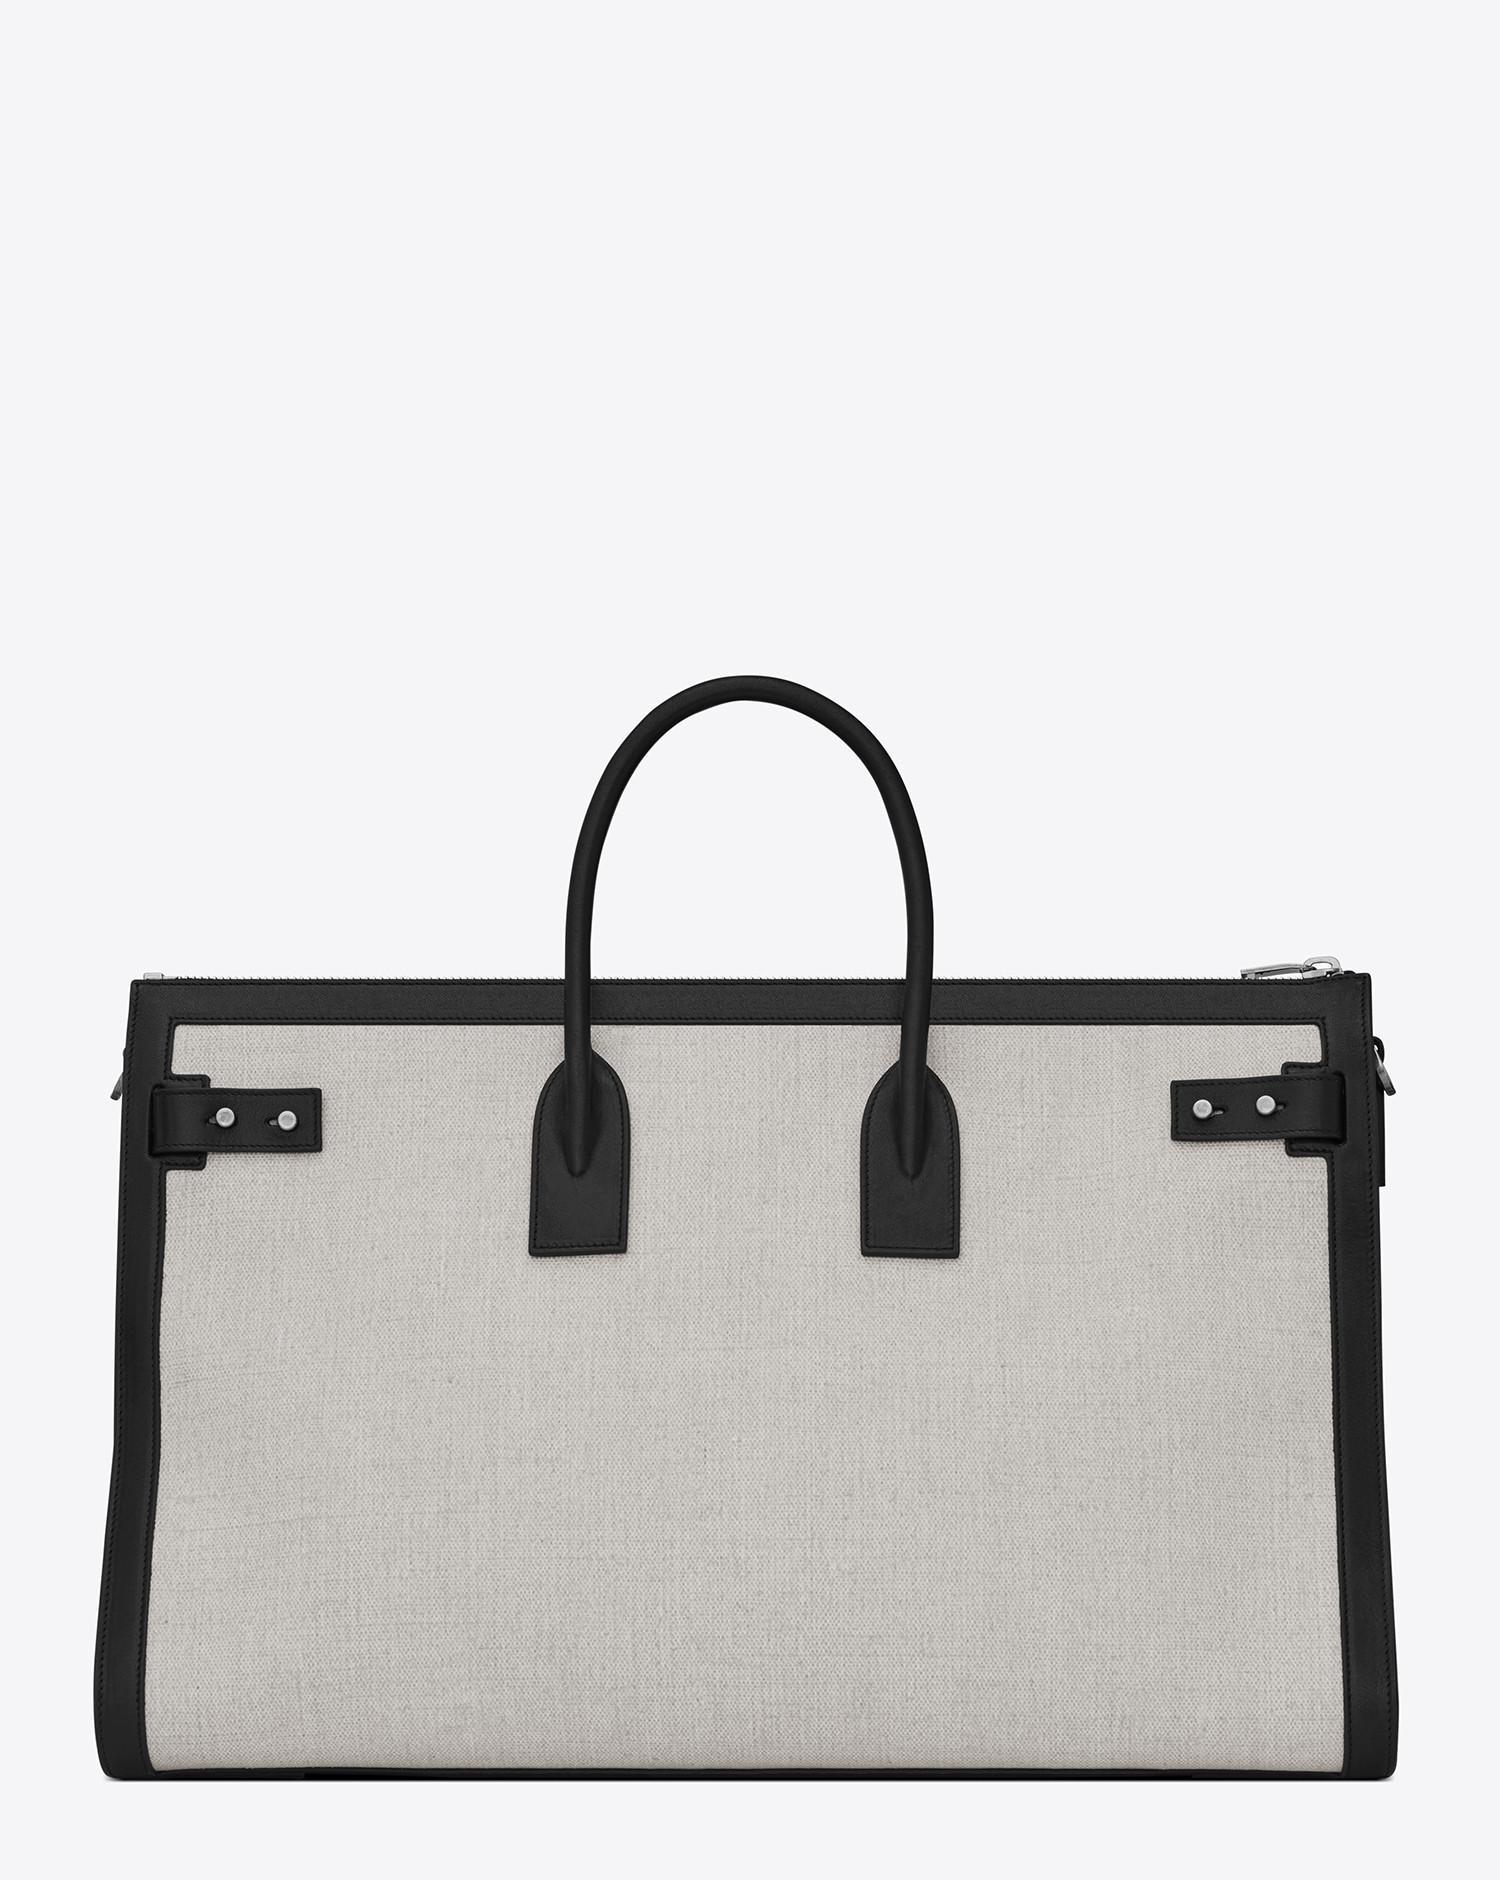 fdf07e767d1 Lyst - Saint Laurent Sac De Jour 48h Duffle Bag In Linen Canvas in ...